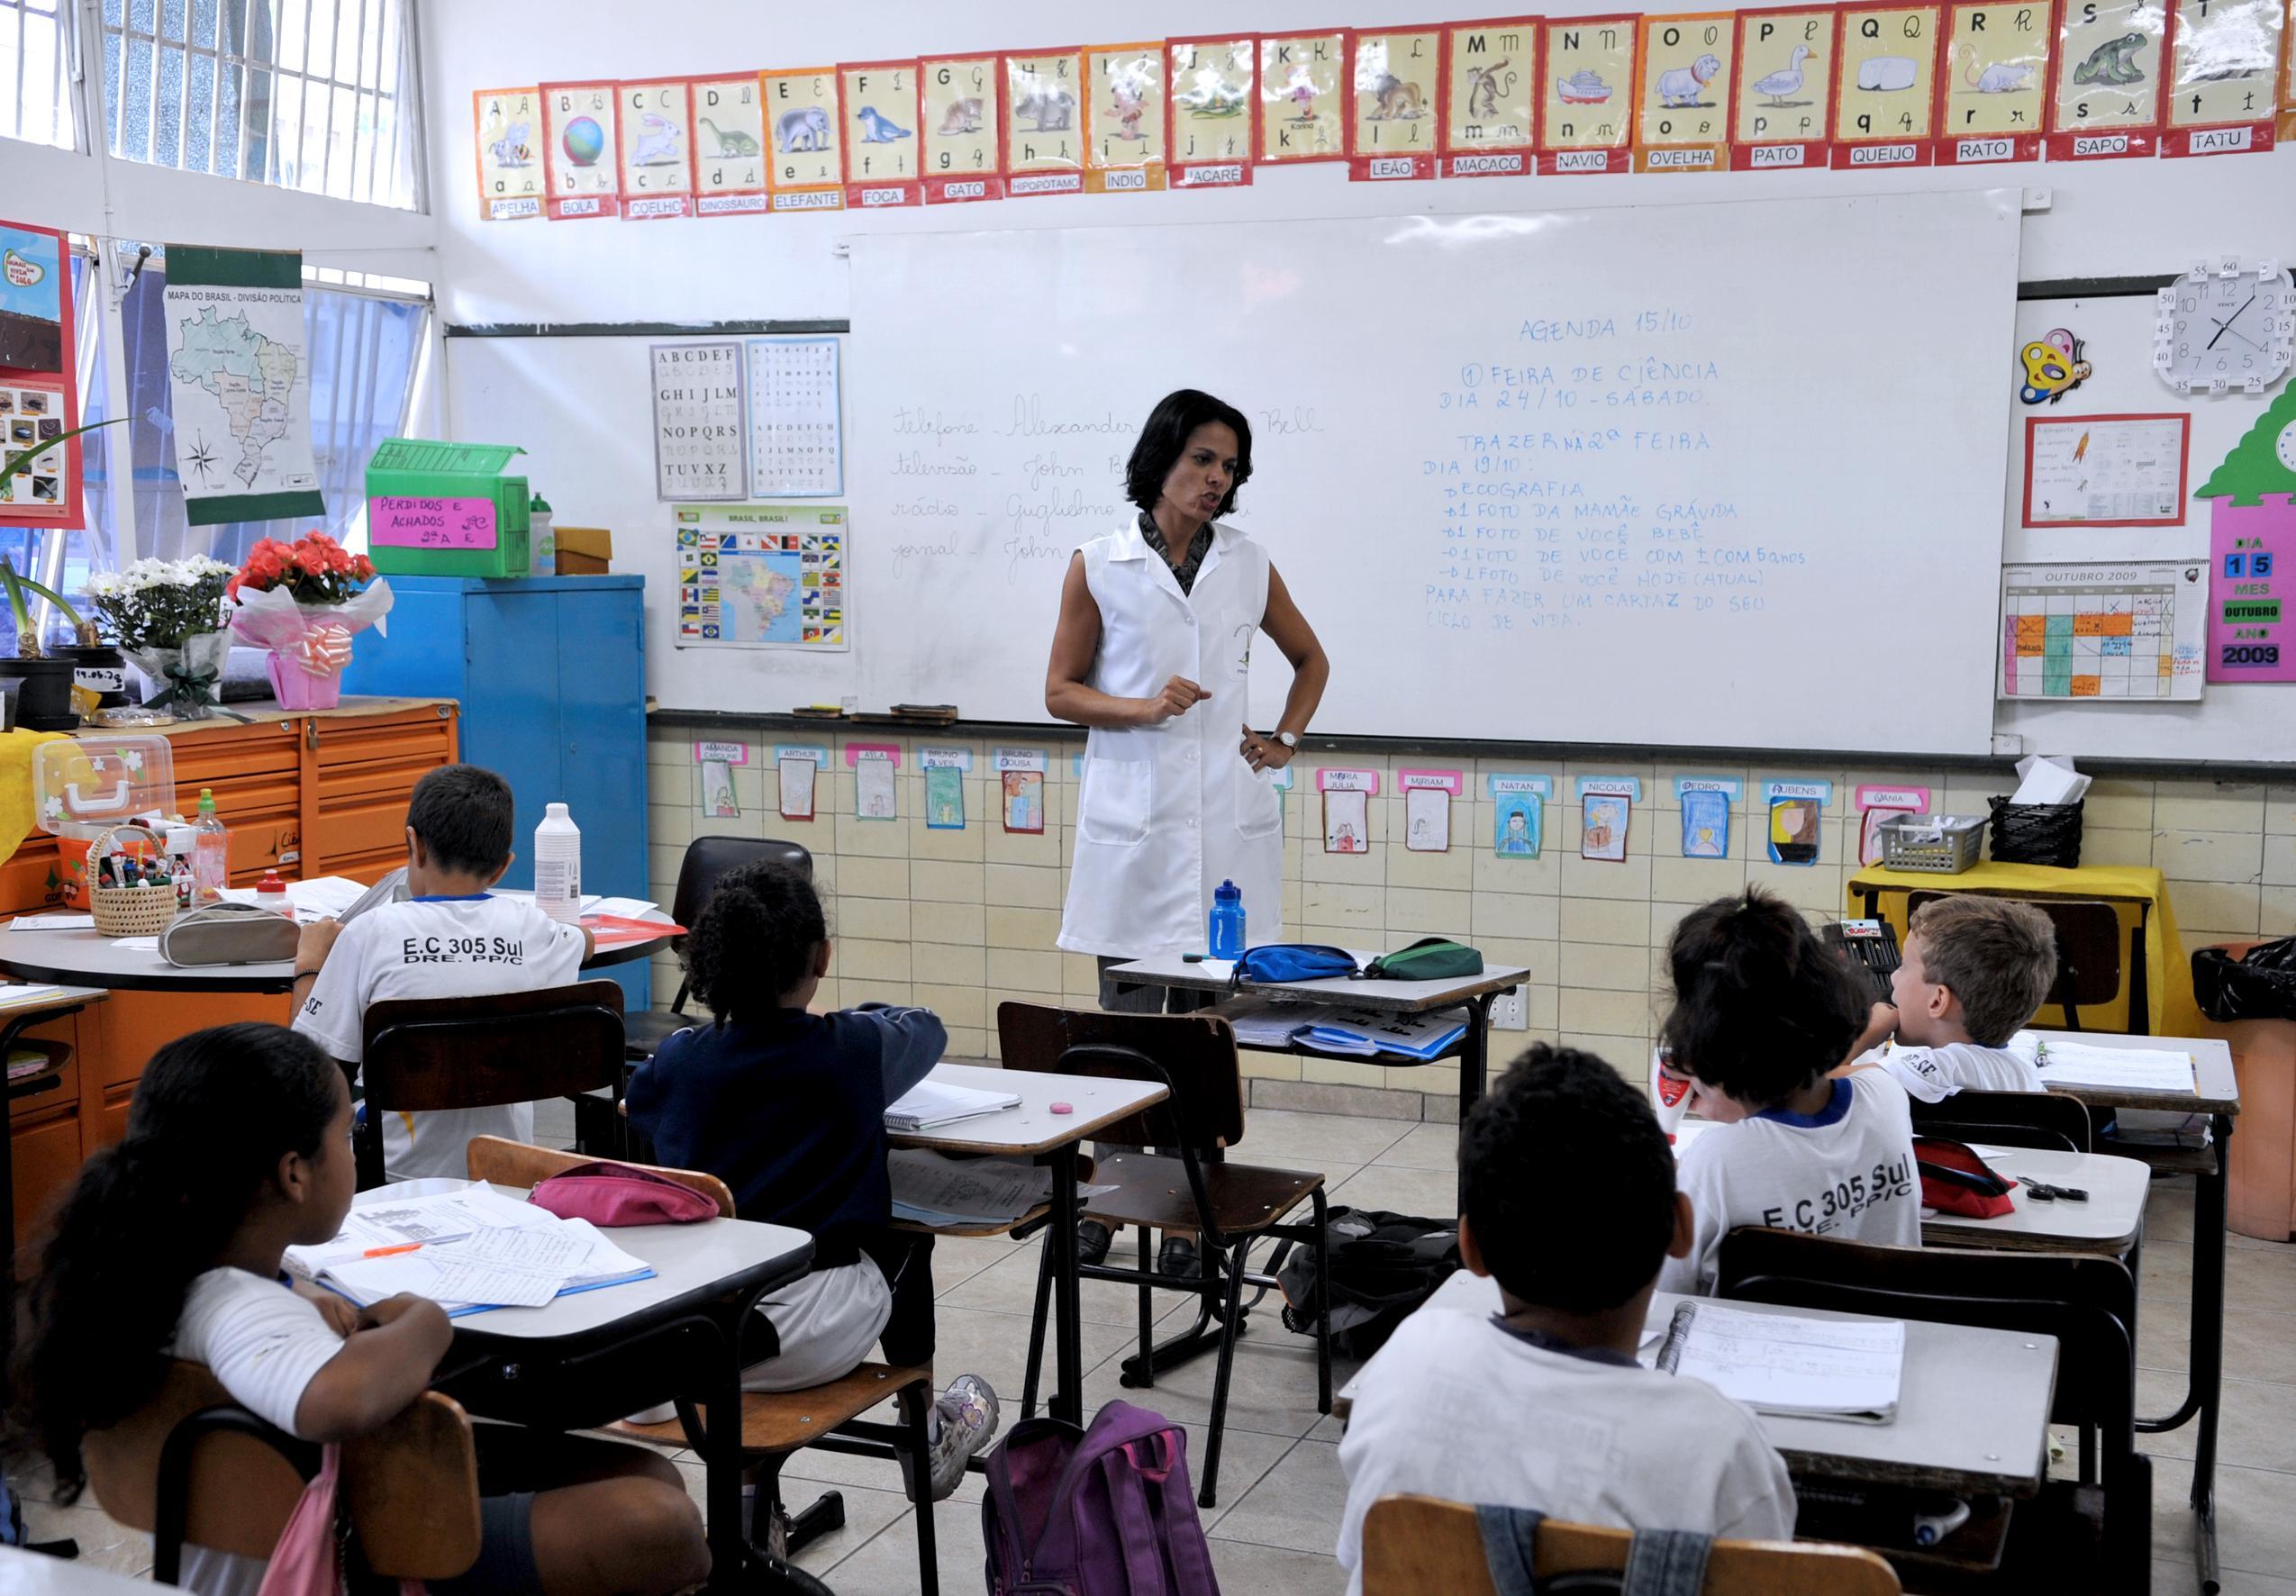 Atualmente, o piso salarial dos professores é R$ 2.298,80.